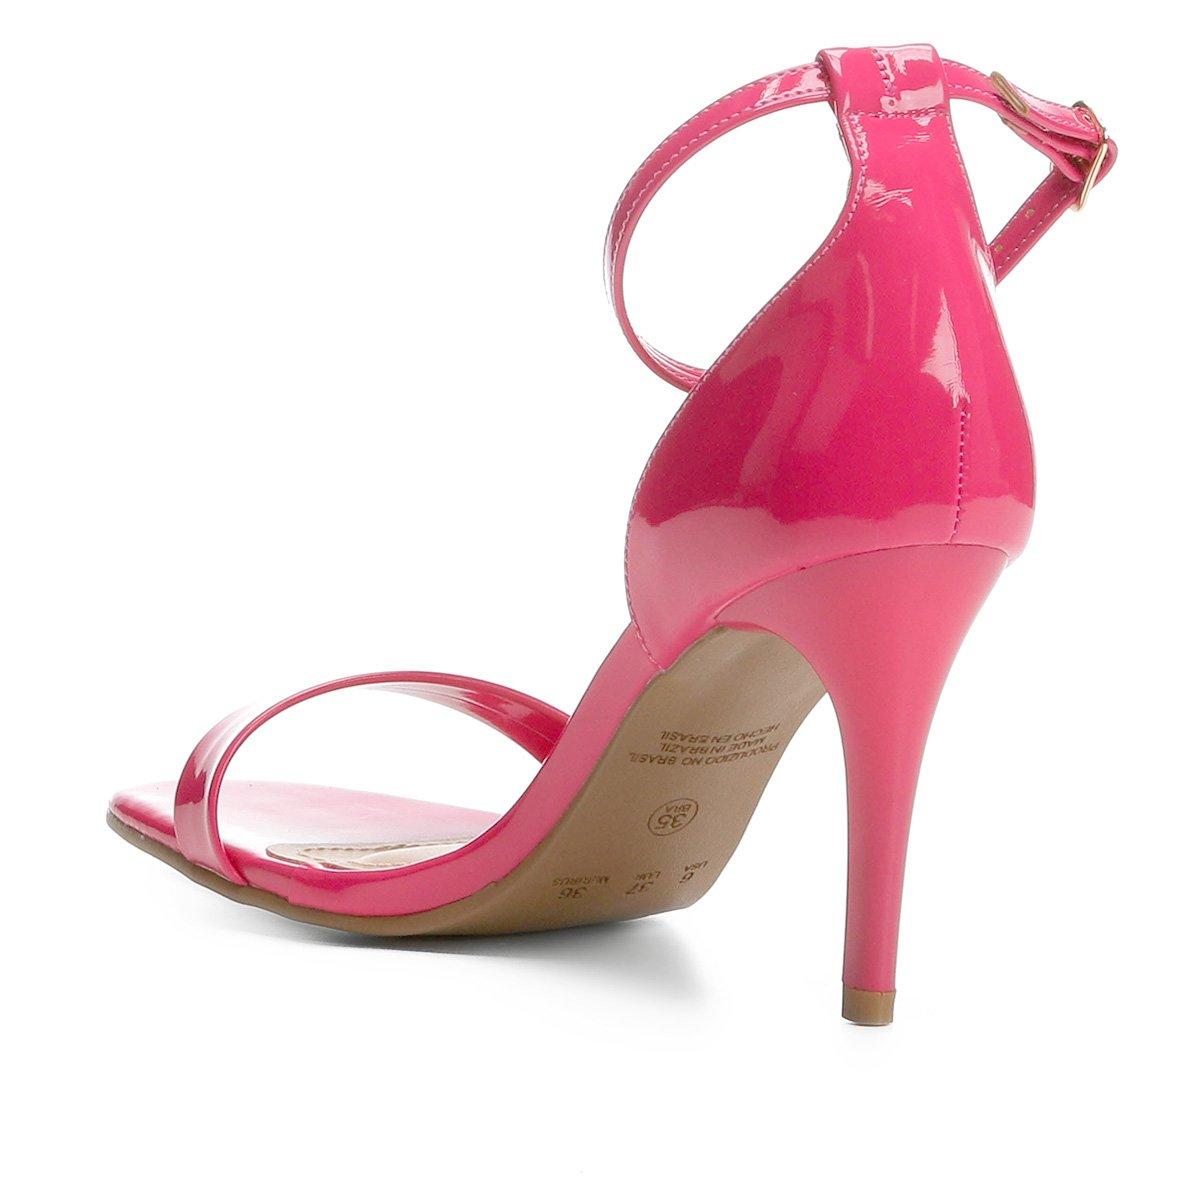 Sandália Bico Pink Quadrado Ala Verniz Ala Fino Bico Feminina Feminina Salto Pink Fino Salto Quadrado Sandália Sandália Verniz Awq688